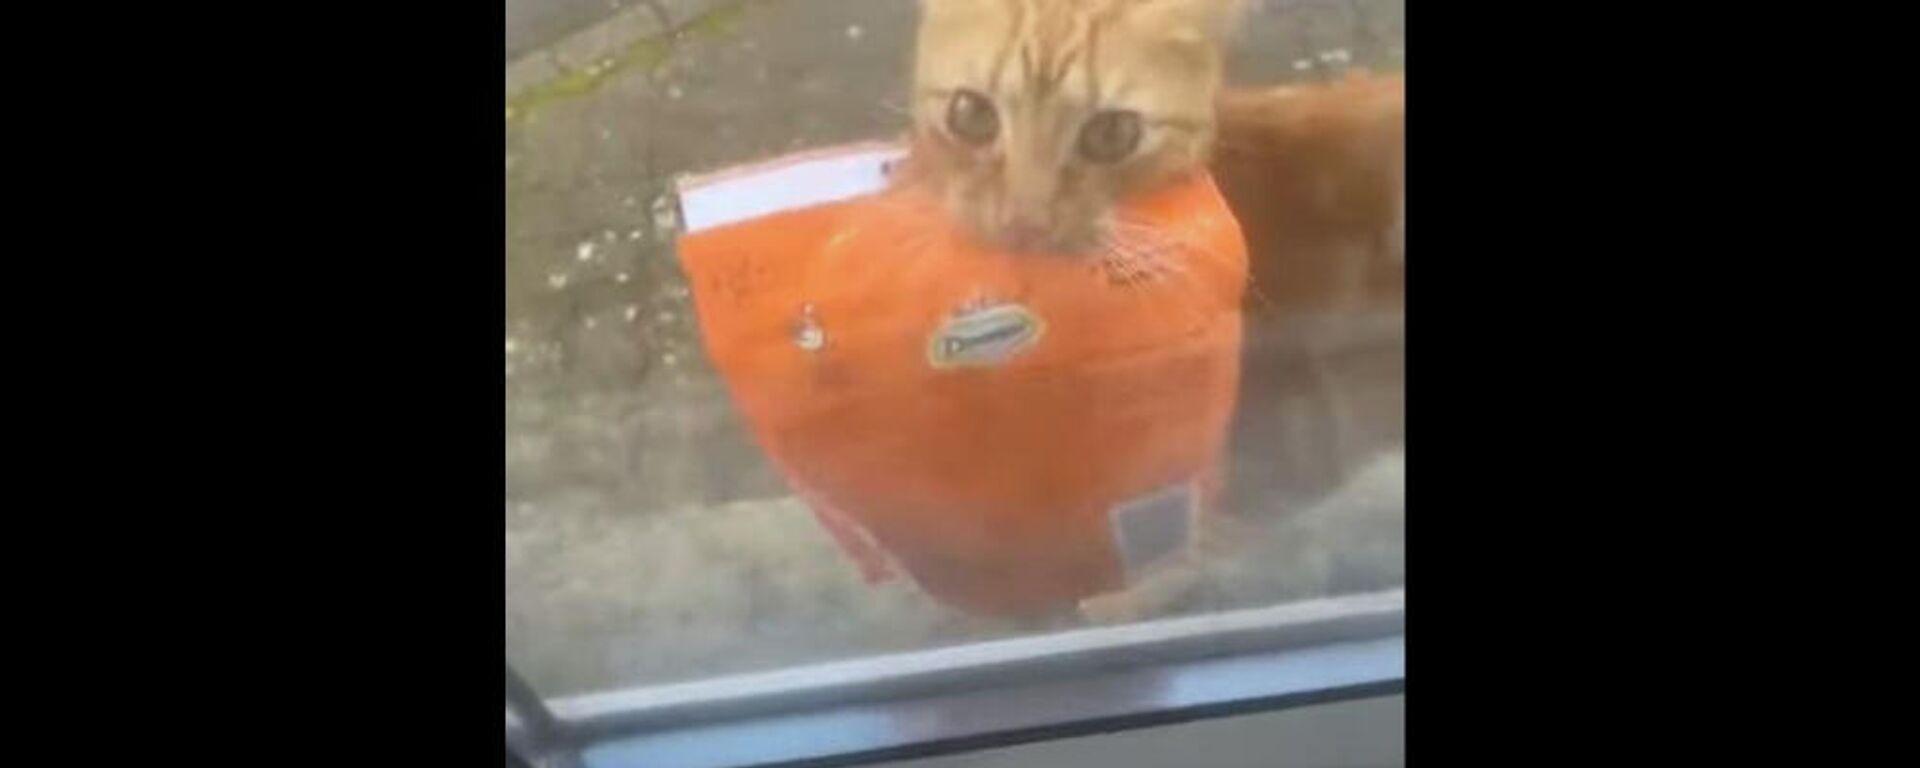 Πονηρός γάτος κλέβει διαρκώς σακούλες γατοτροφή από τη γειτόνισσα - Sputnik Ελλάδα, 1920, 08.10.2021